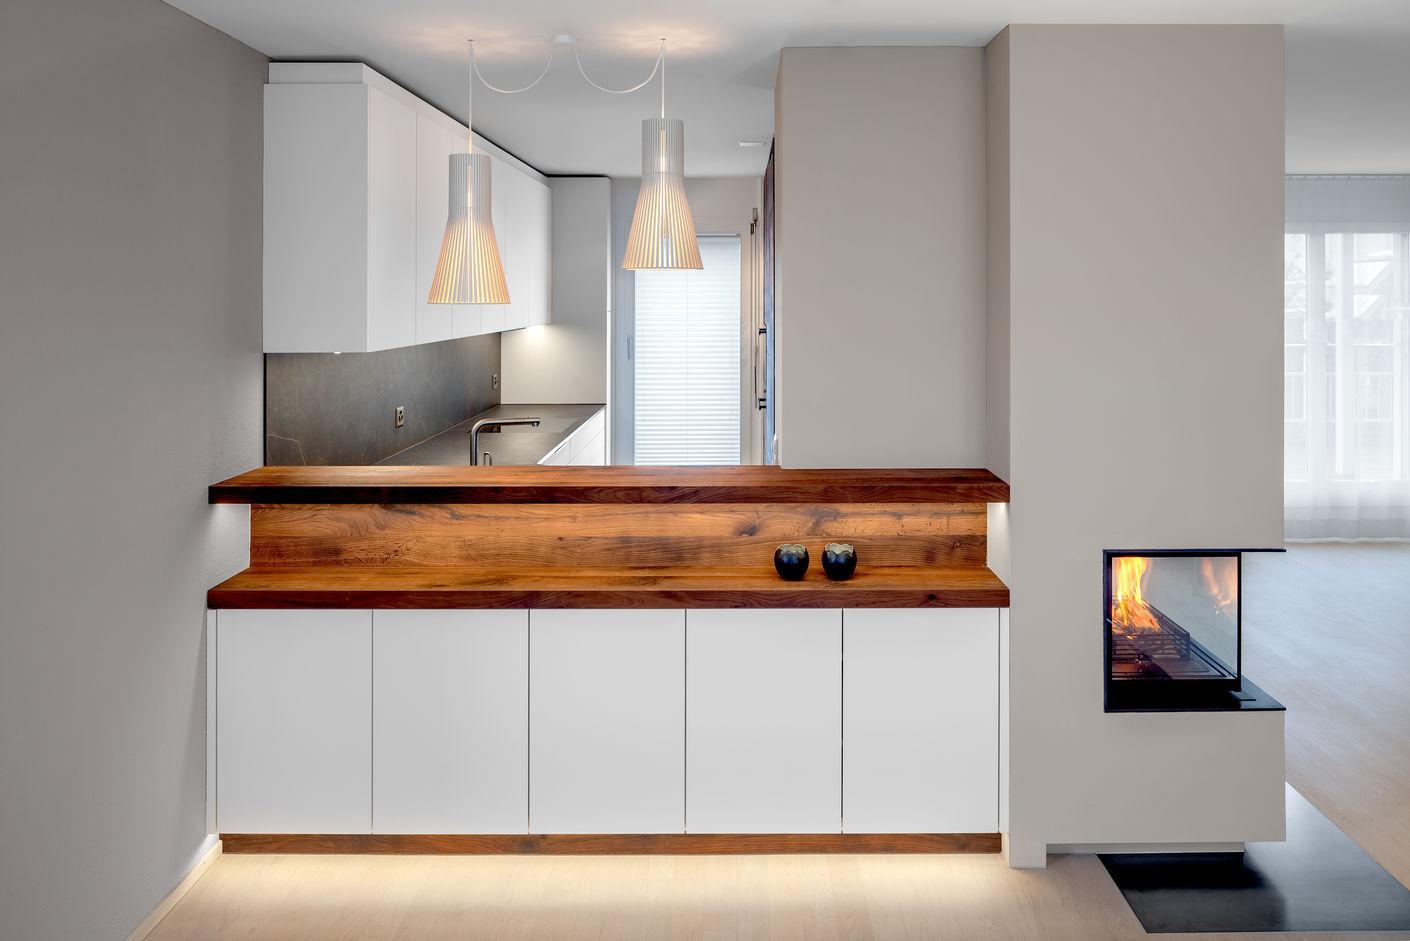 Neben der beleuchteten Theke ist das integrierte Cheminée ein Hingucker. Es verleiht der Küche einen einzigartigen Charakter und schafft den fliessenden Übergang zum Wohnbereich.